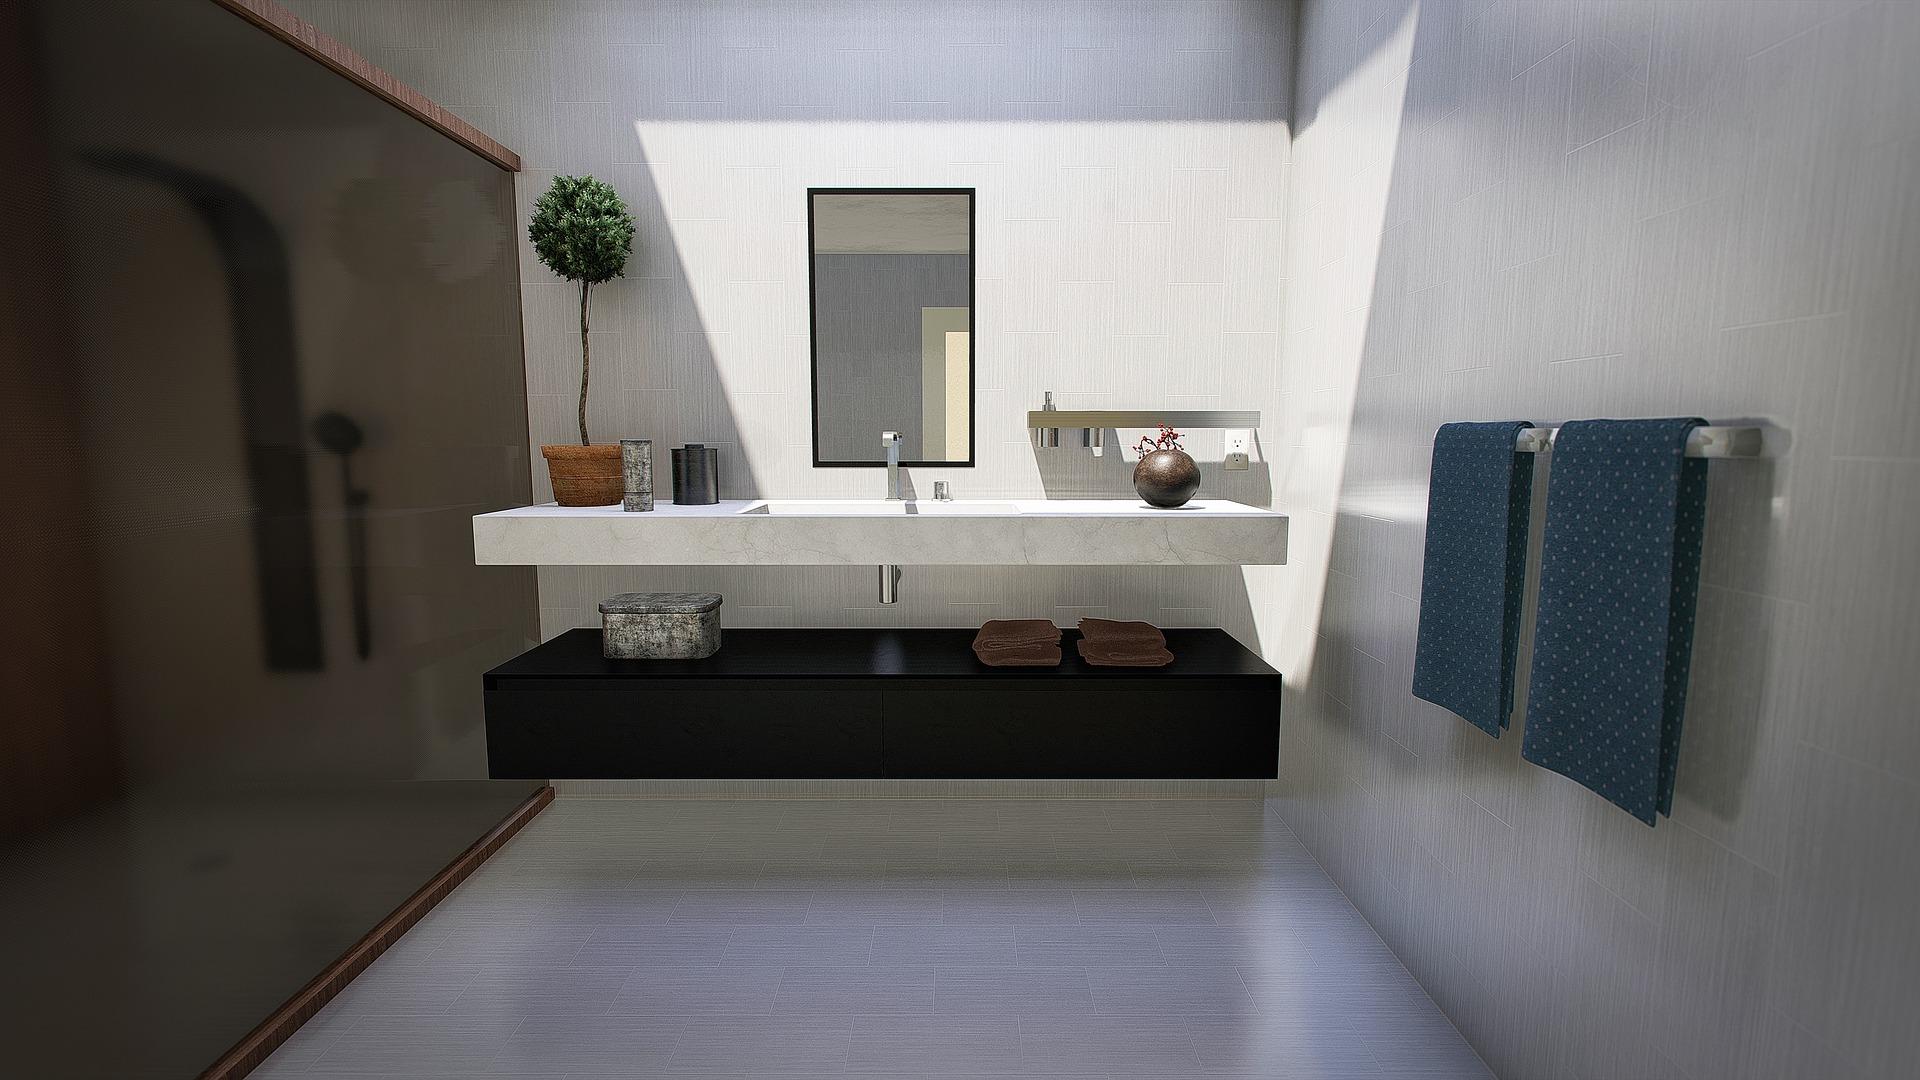 Tips Badkamer Verbouwen : Tips voor een stijlvolle en praktische badkamer nieuws